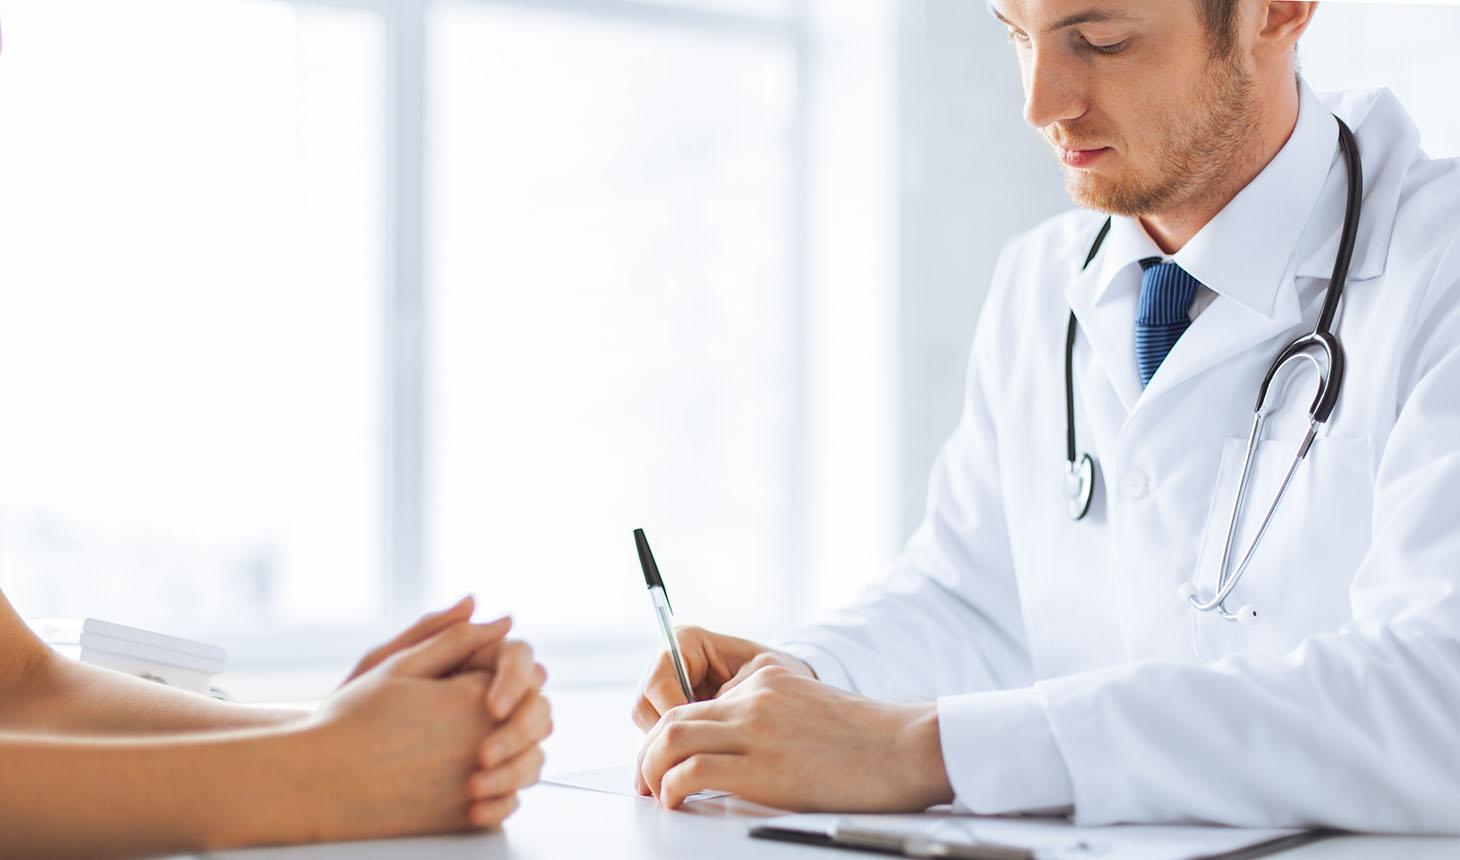 My-Secretary.gr | Υπηρεσίες Τηλεγραμματείας | Γραμματειακή Υποστήριξη για Ιατρούς & Επαγγελματίες της Υγείας εξ' Αποστάσεως | Τηλεγραμματεία για Γιατρούς σε Αθήνα, Πειραιά & όλη την Ελλάδα